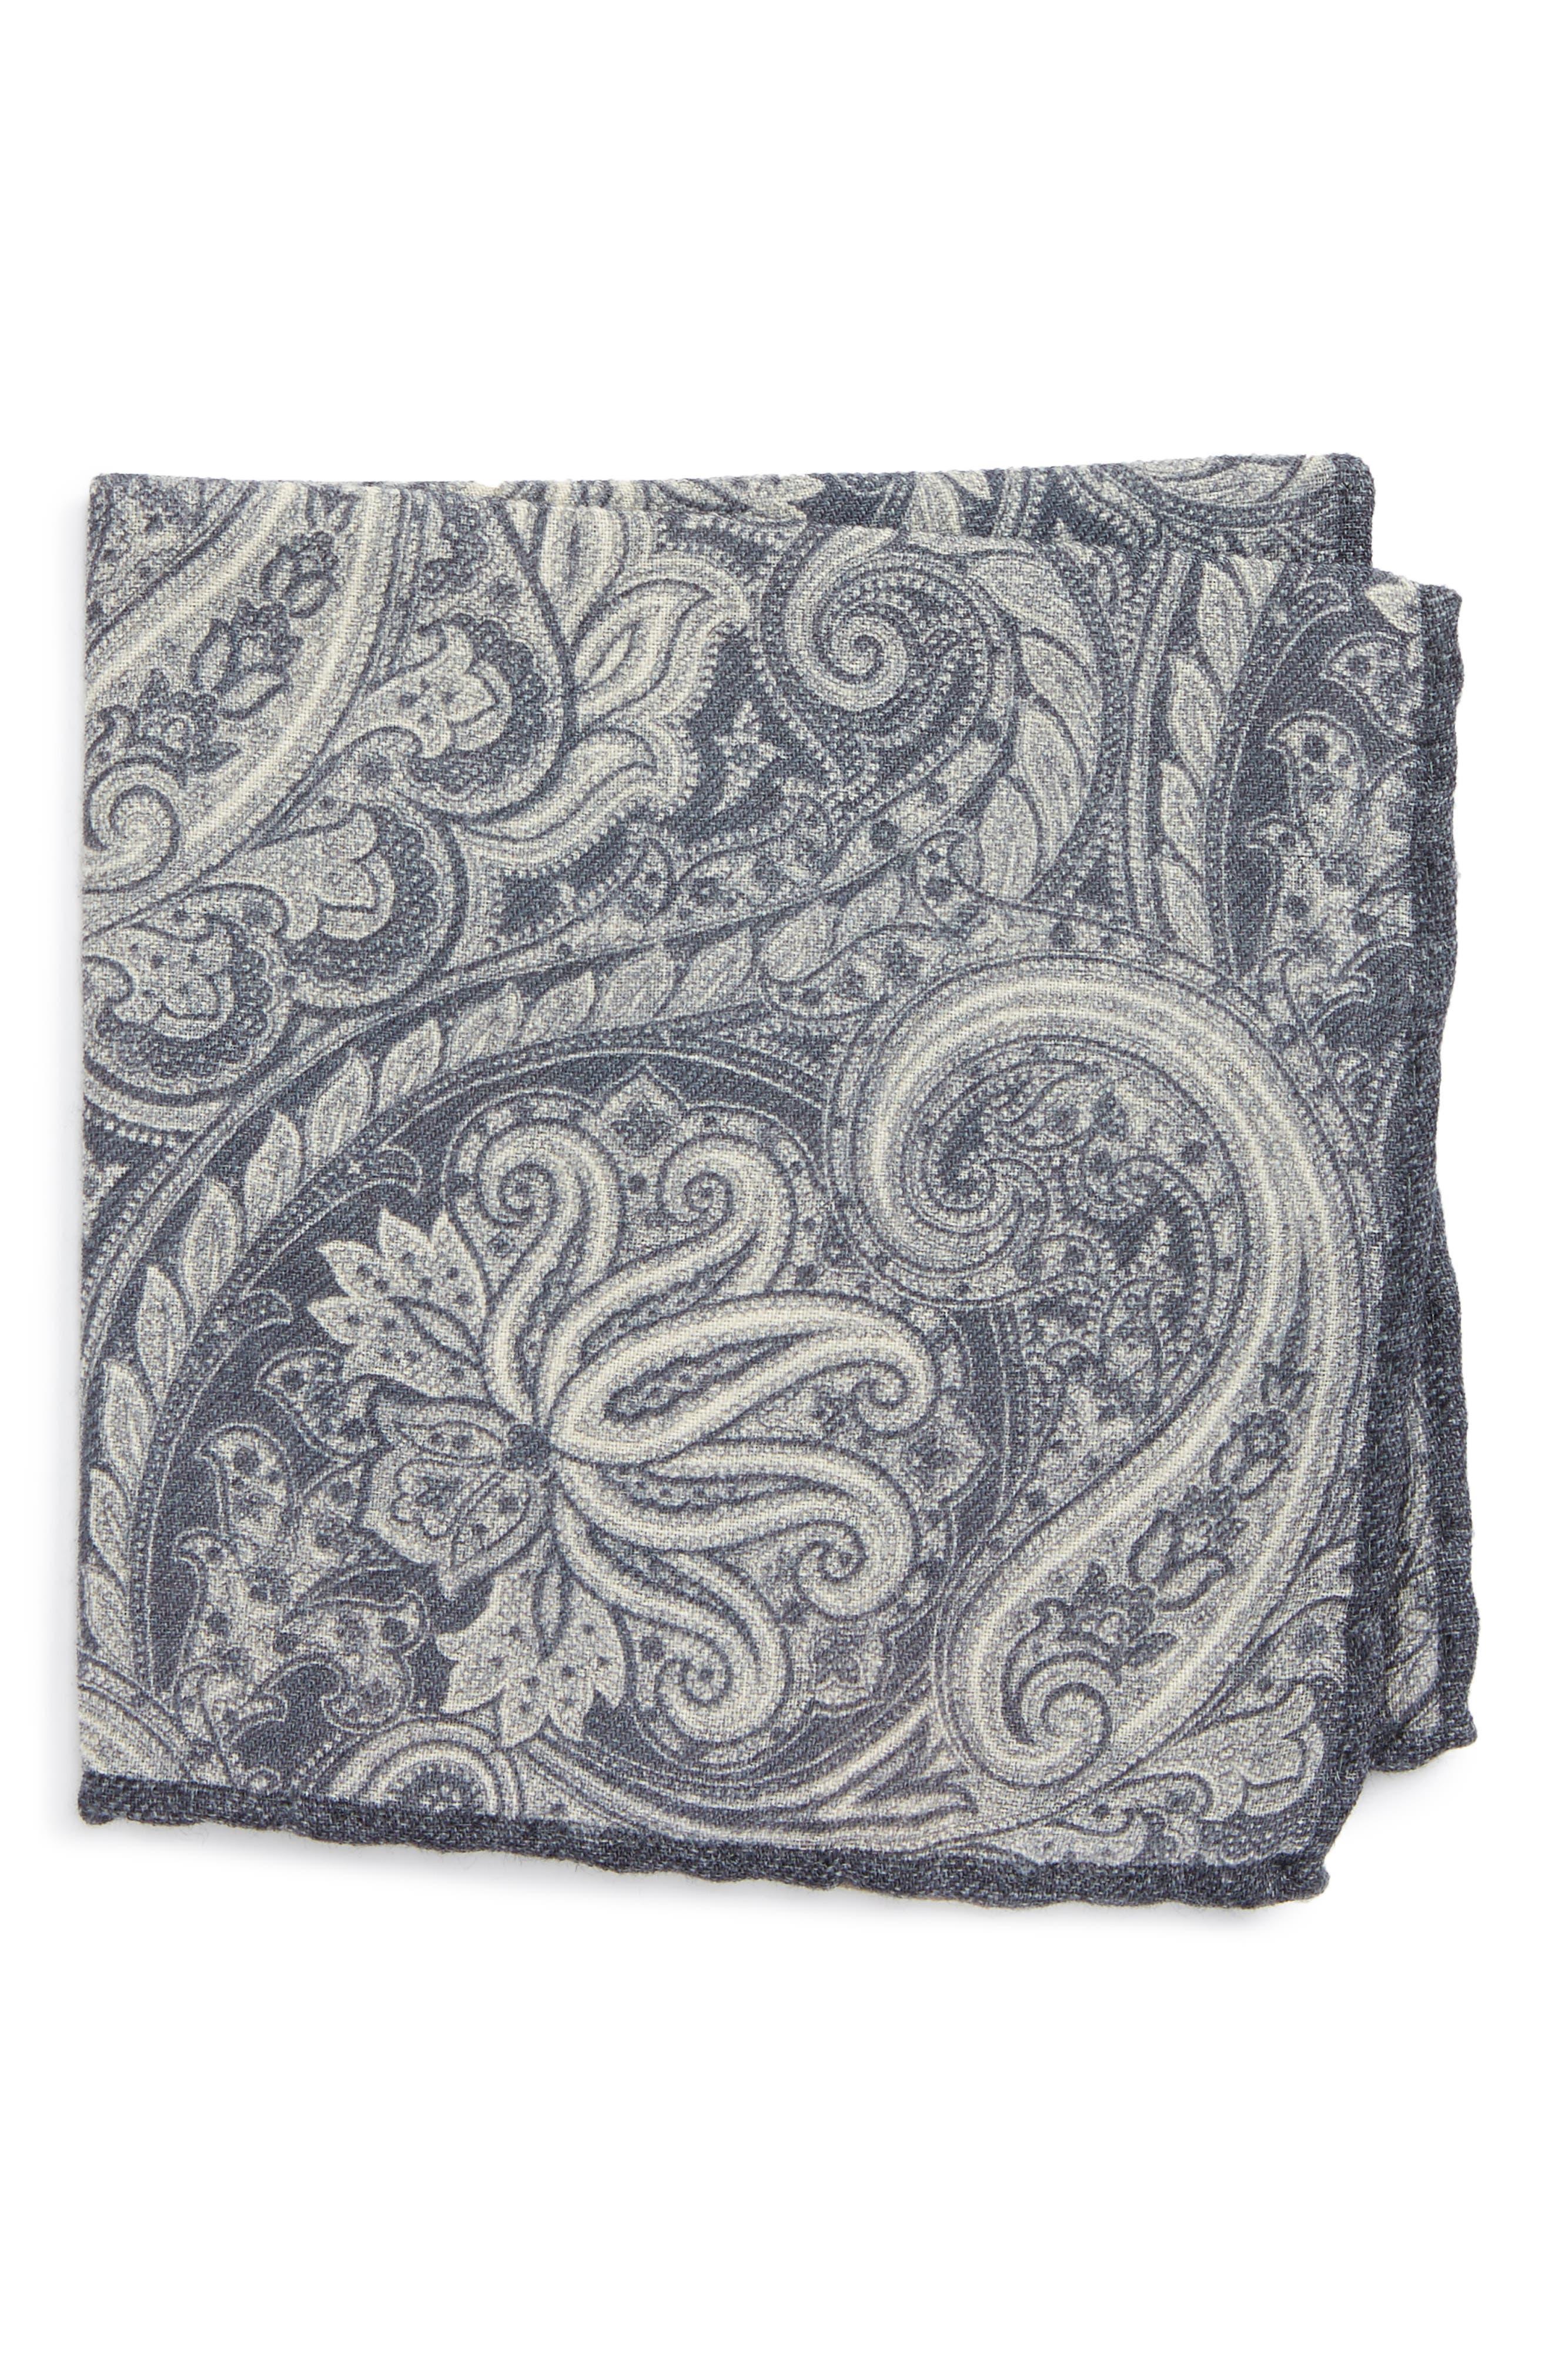 Paisley Wool Pocket Square,                             Main thumbnail 1, color,                             020